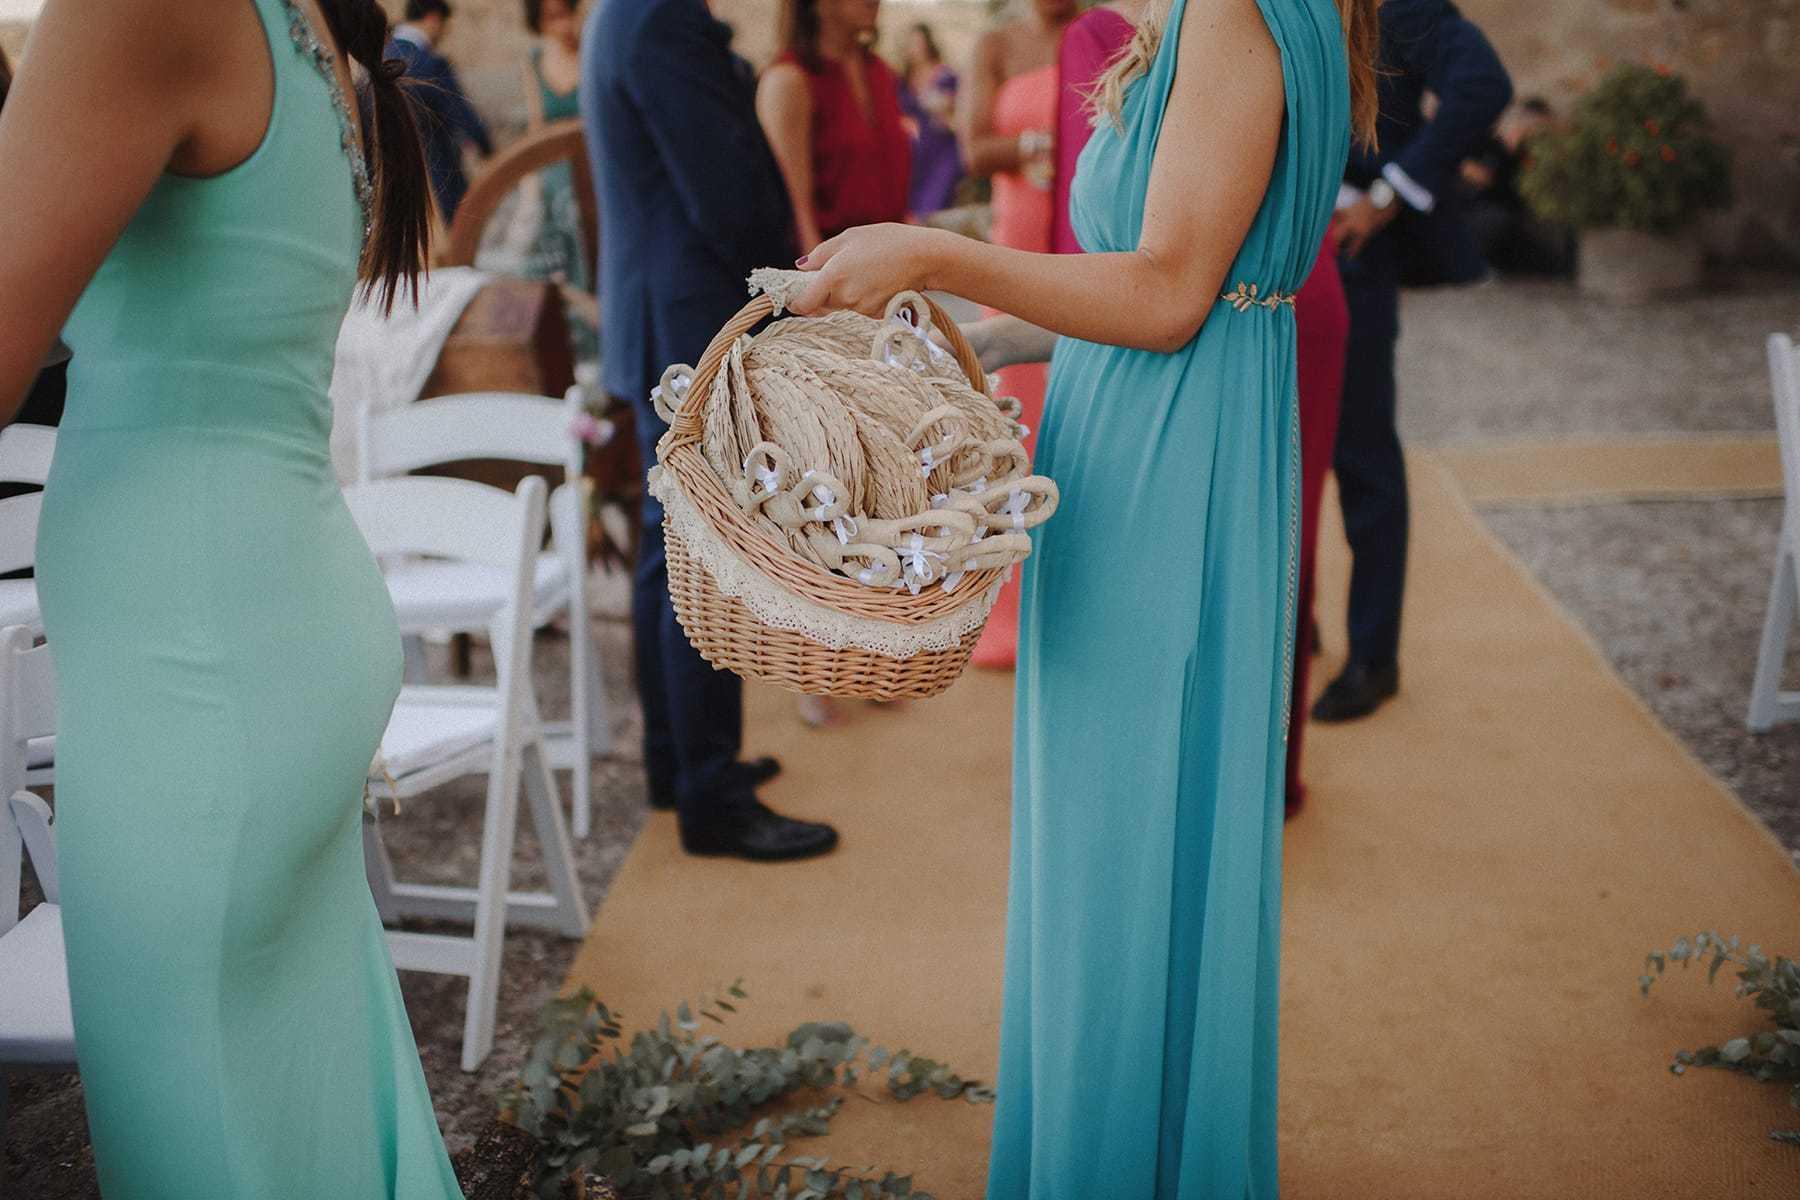 Invitada repartiendo pai pais en una boda